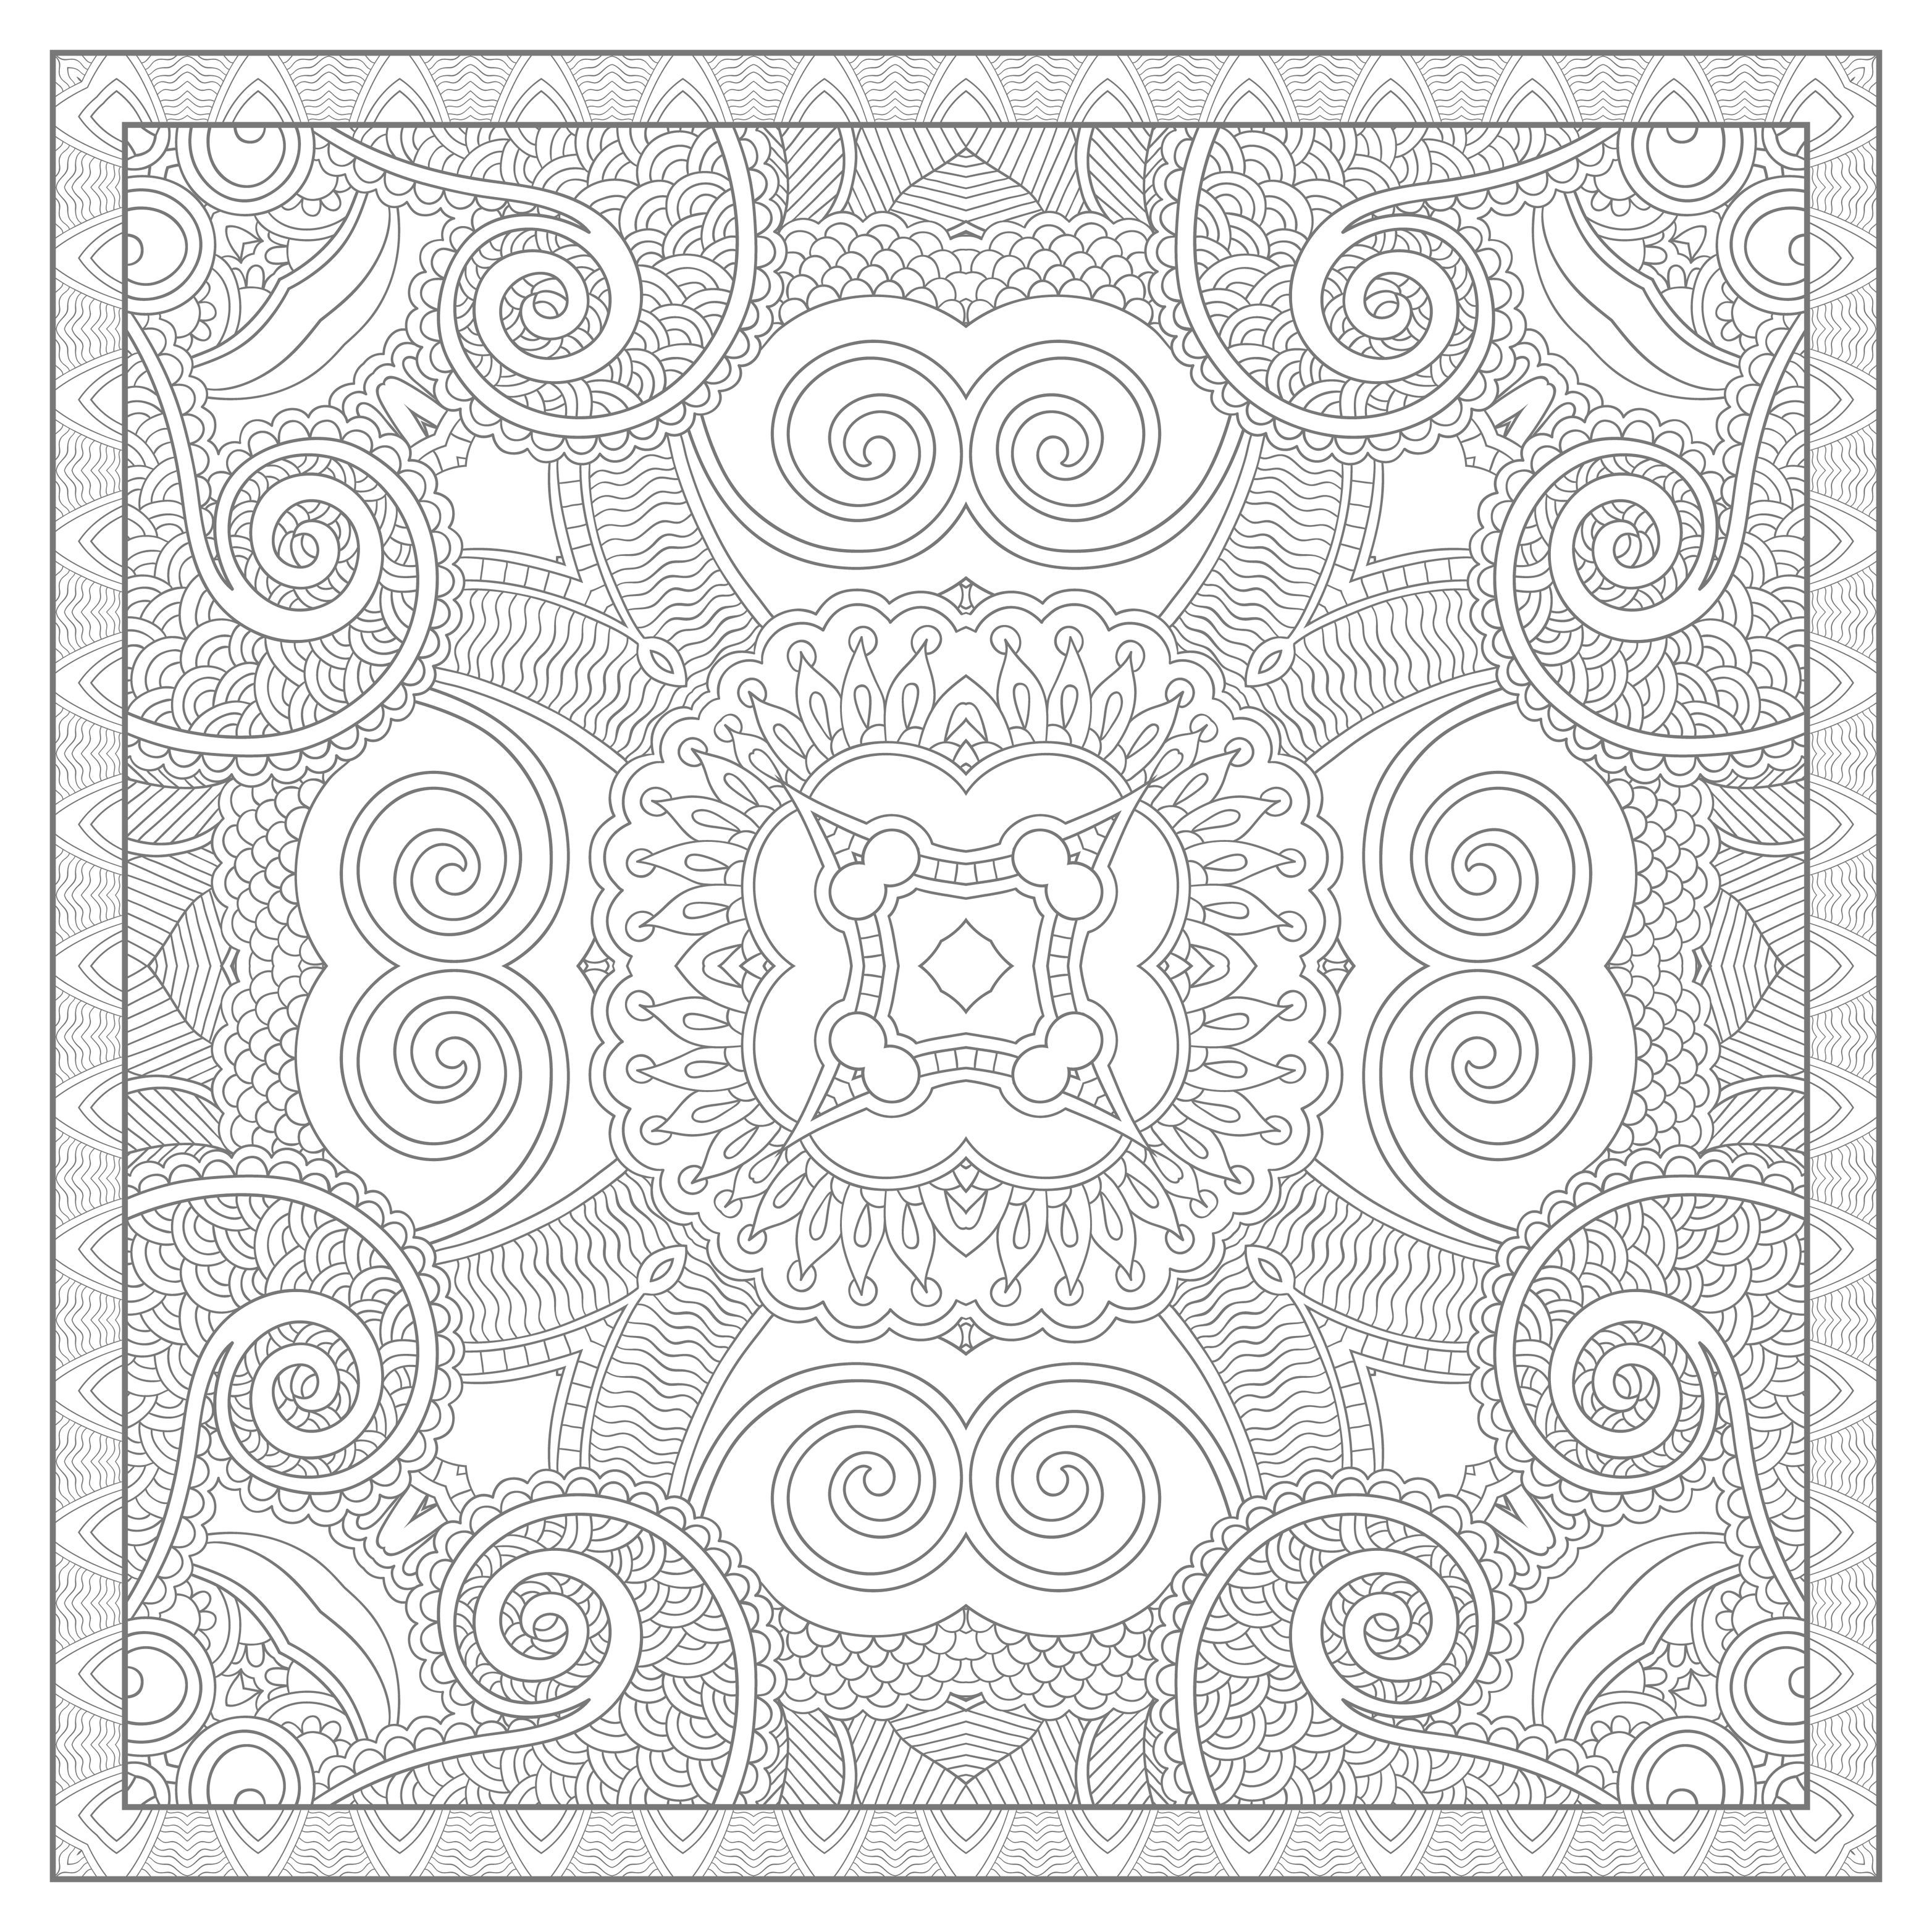 Pour imprimer ce coloriage gratuit coloriage mandala carre par karakotsya 4 cliquez sur l - Mandala a imprimer gratuit difficile ...